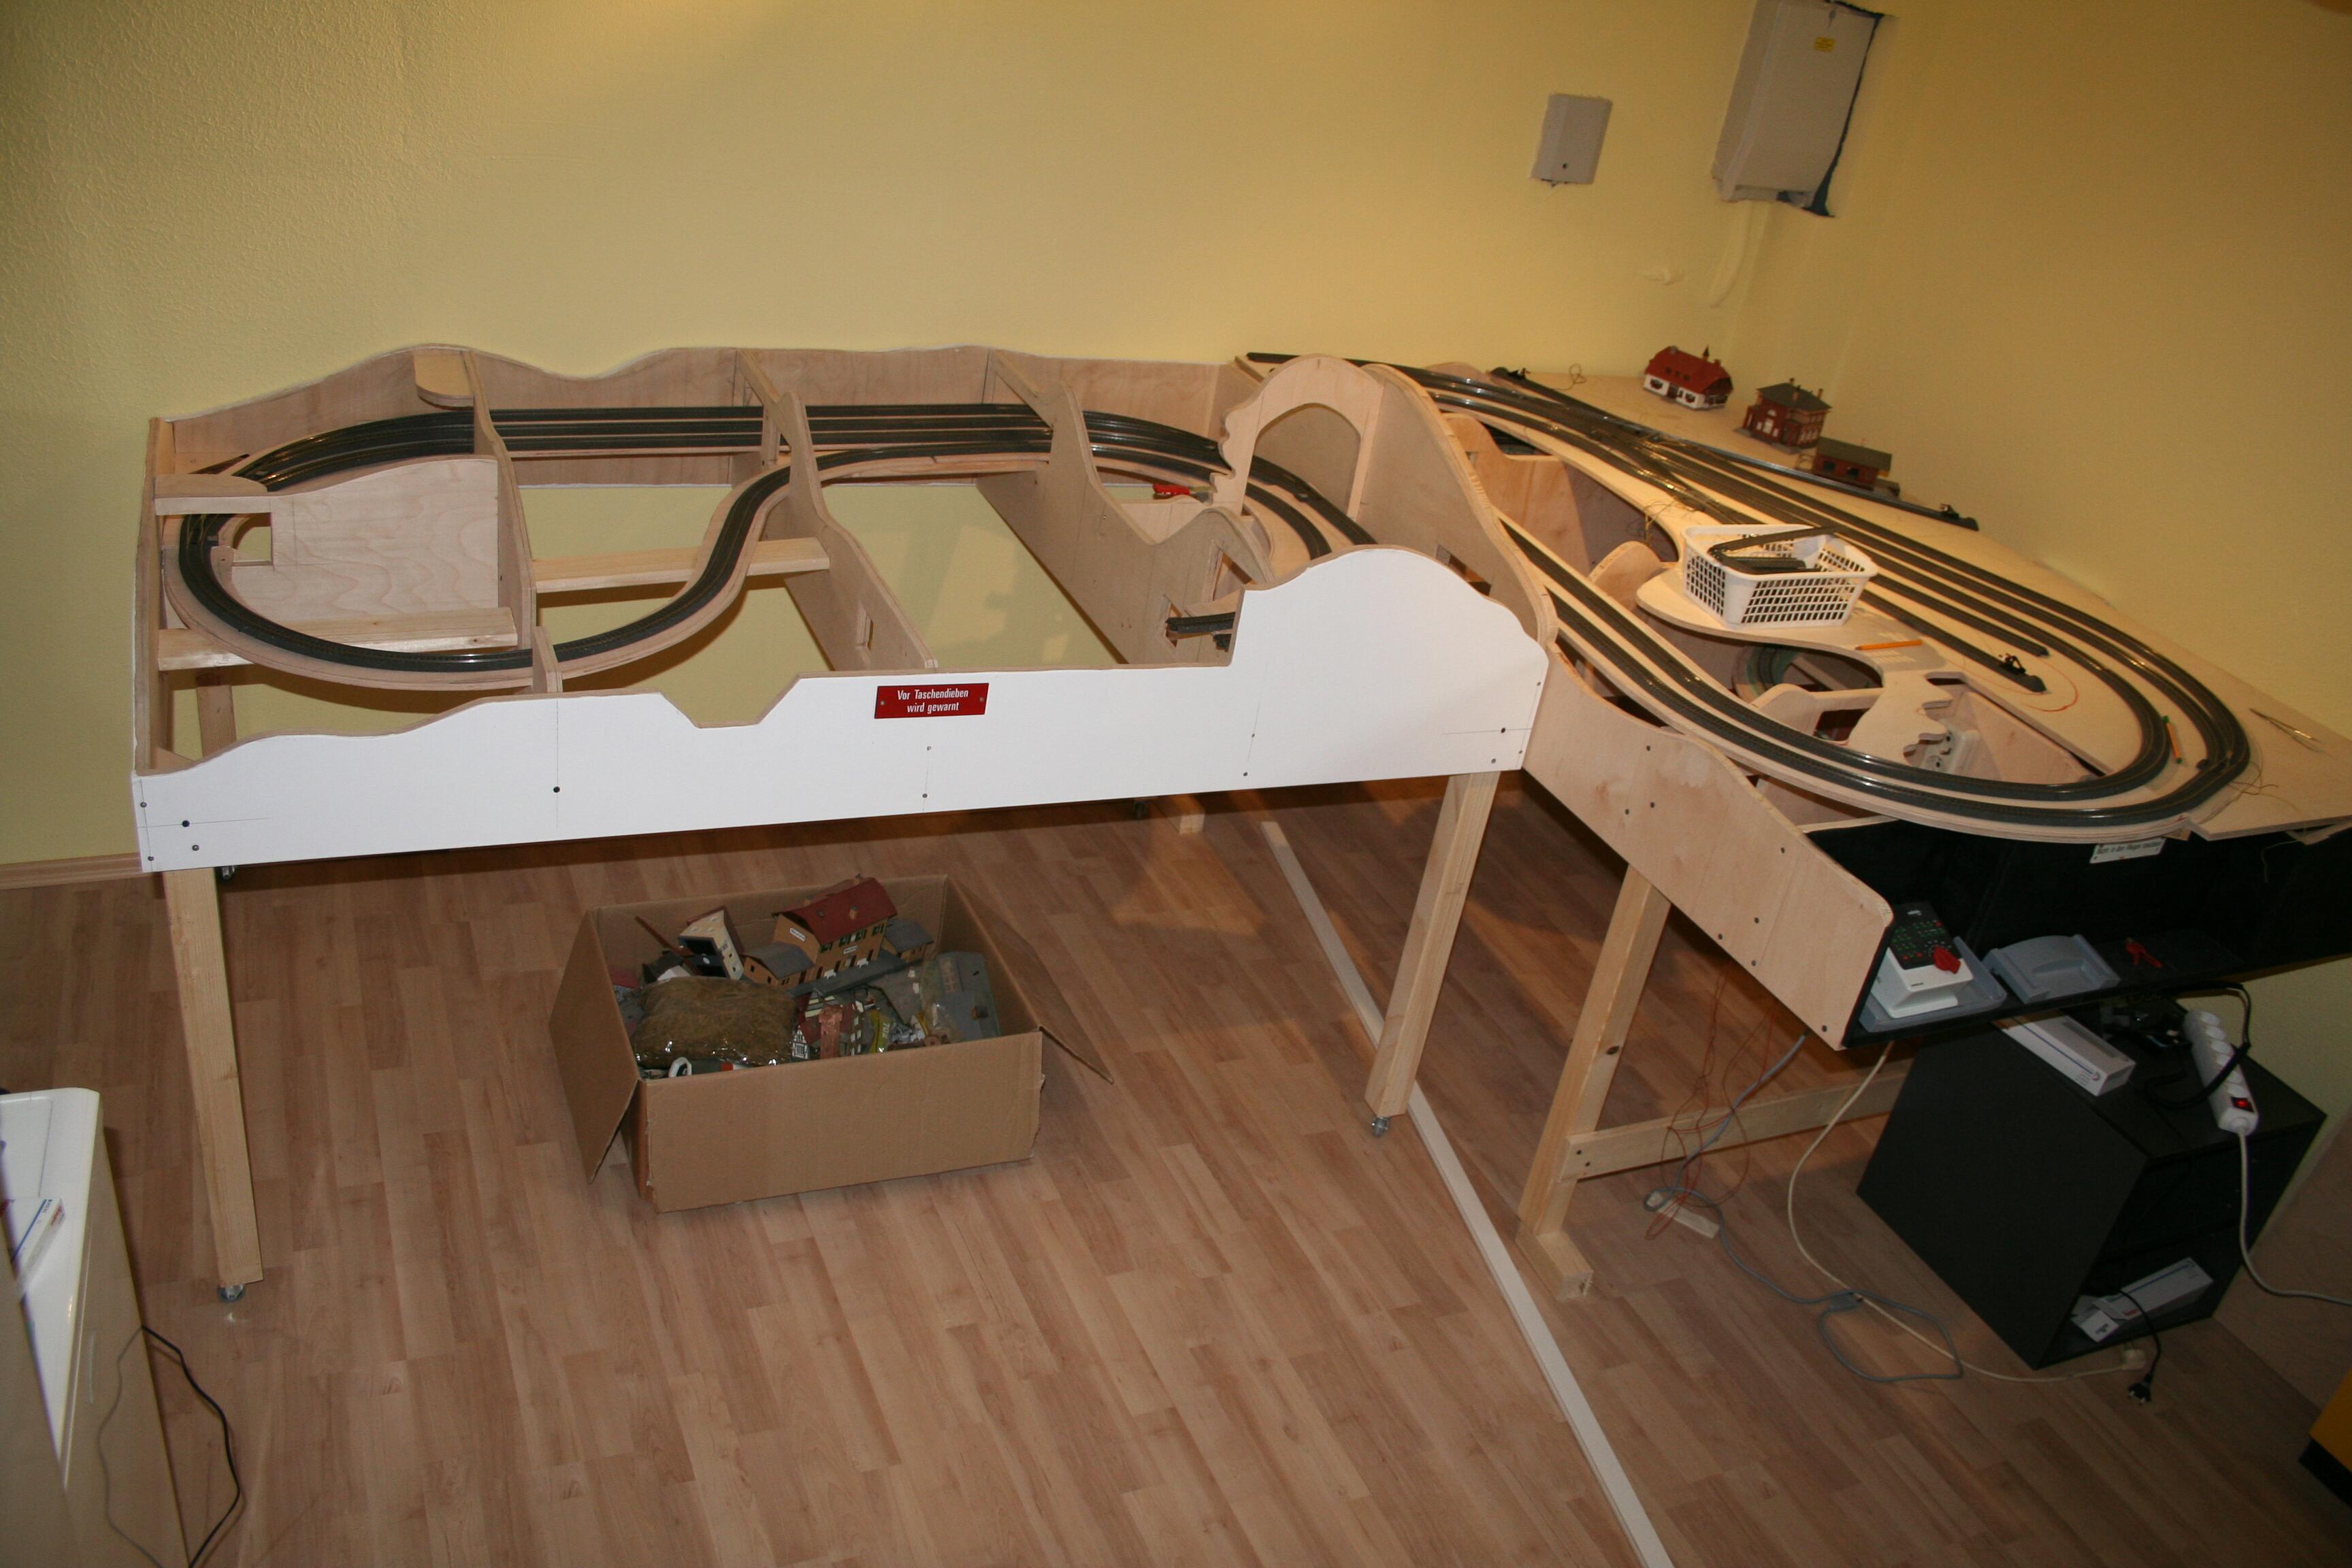 hartmuts modellbahn die anlage. Black Bedroom Furniture Sets. Home Design Ideas